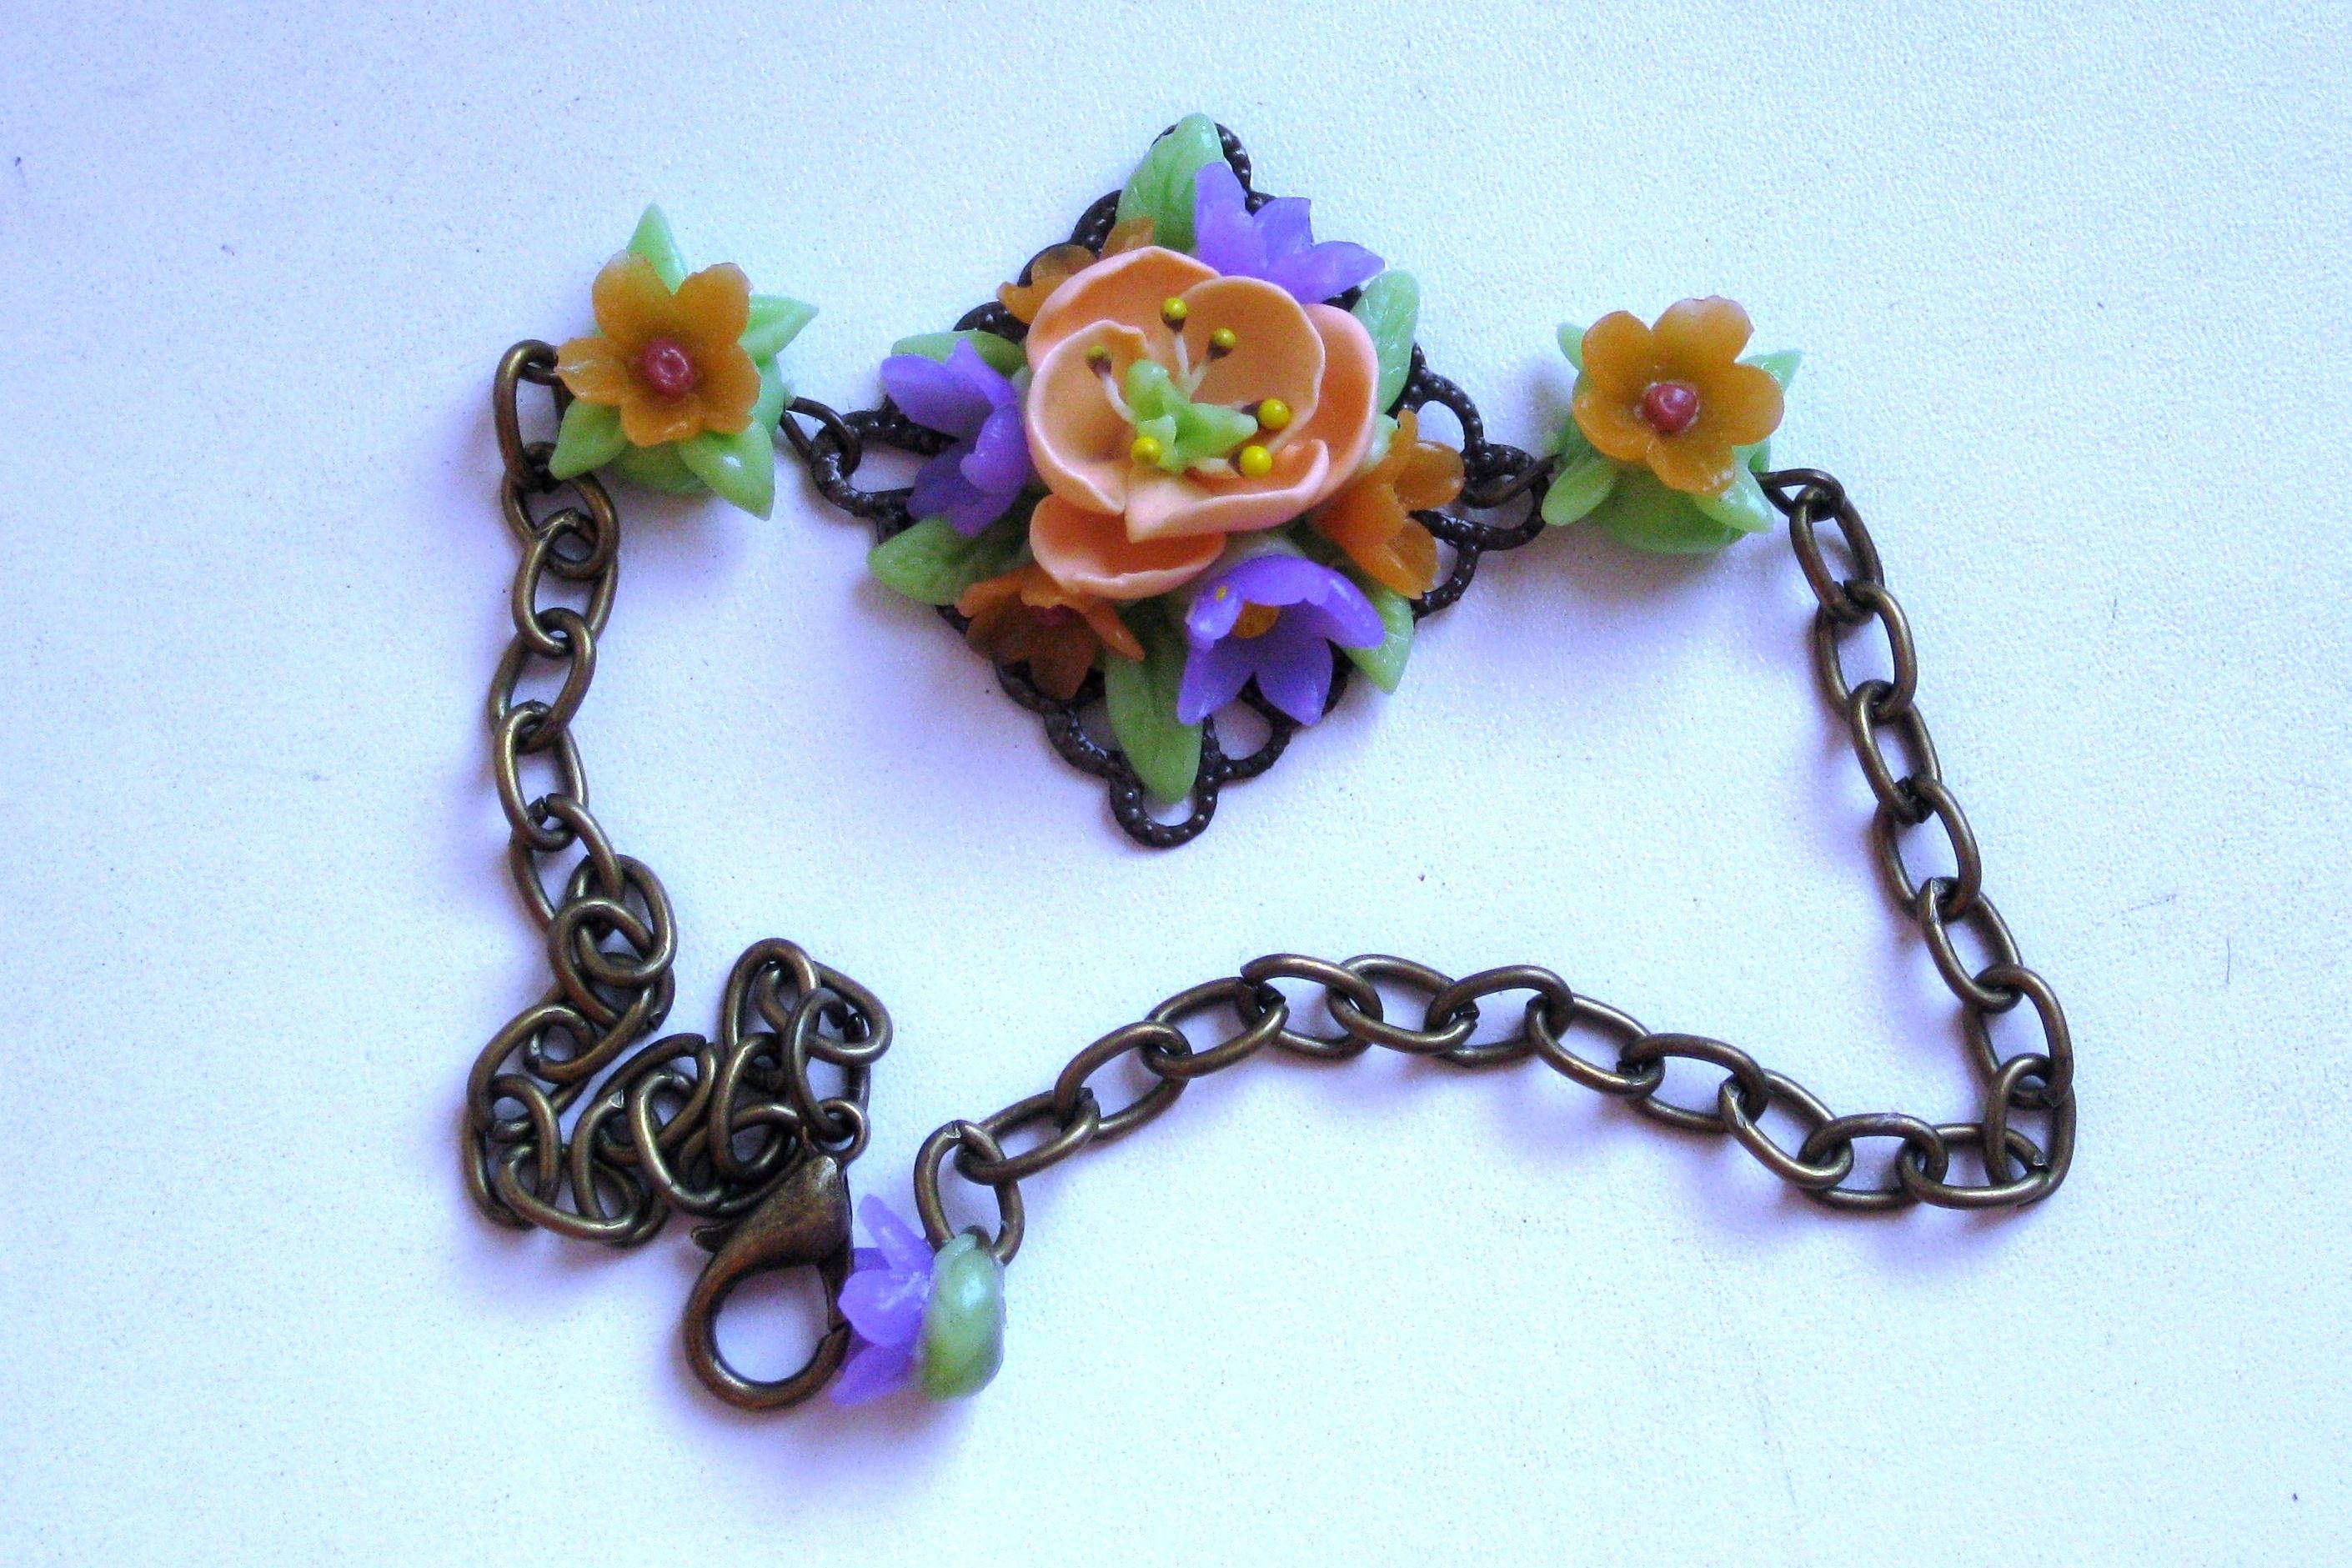 уникальныйподарок подарок браслет хендмейд handmade бронза цветы полимернаяглина творчество бижутерия